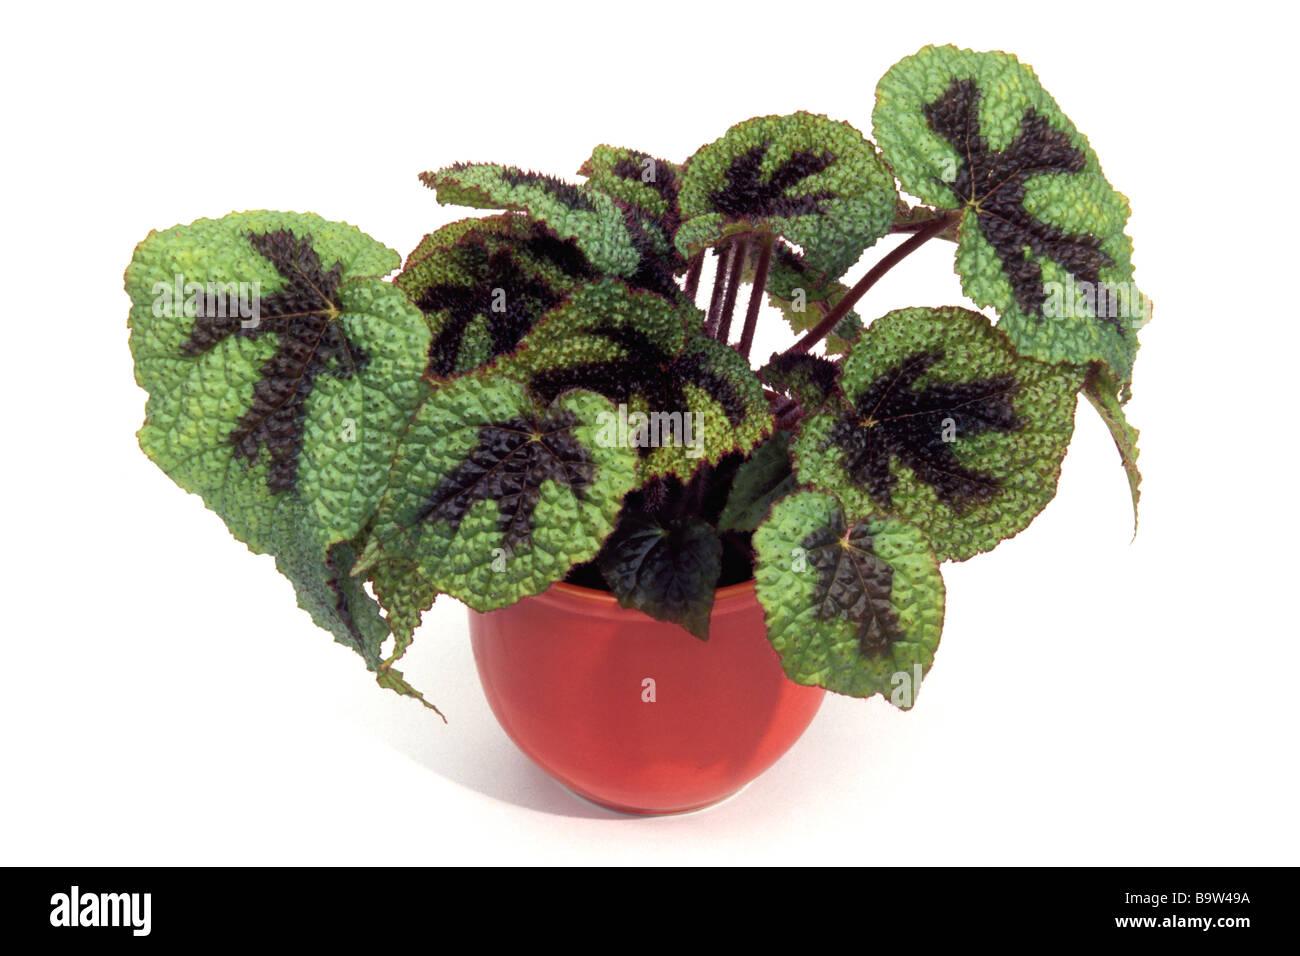 Rex begonia painted blatt begonie begonia rex hybrid topfpflanze studio bild stockfoto bild - Begonie zimmerpflanze ...